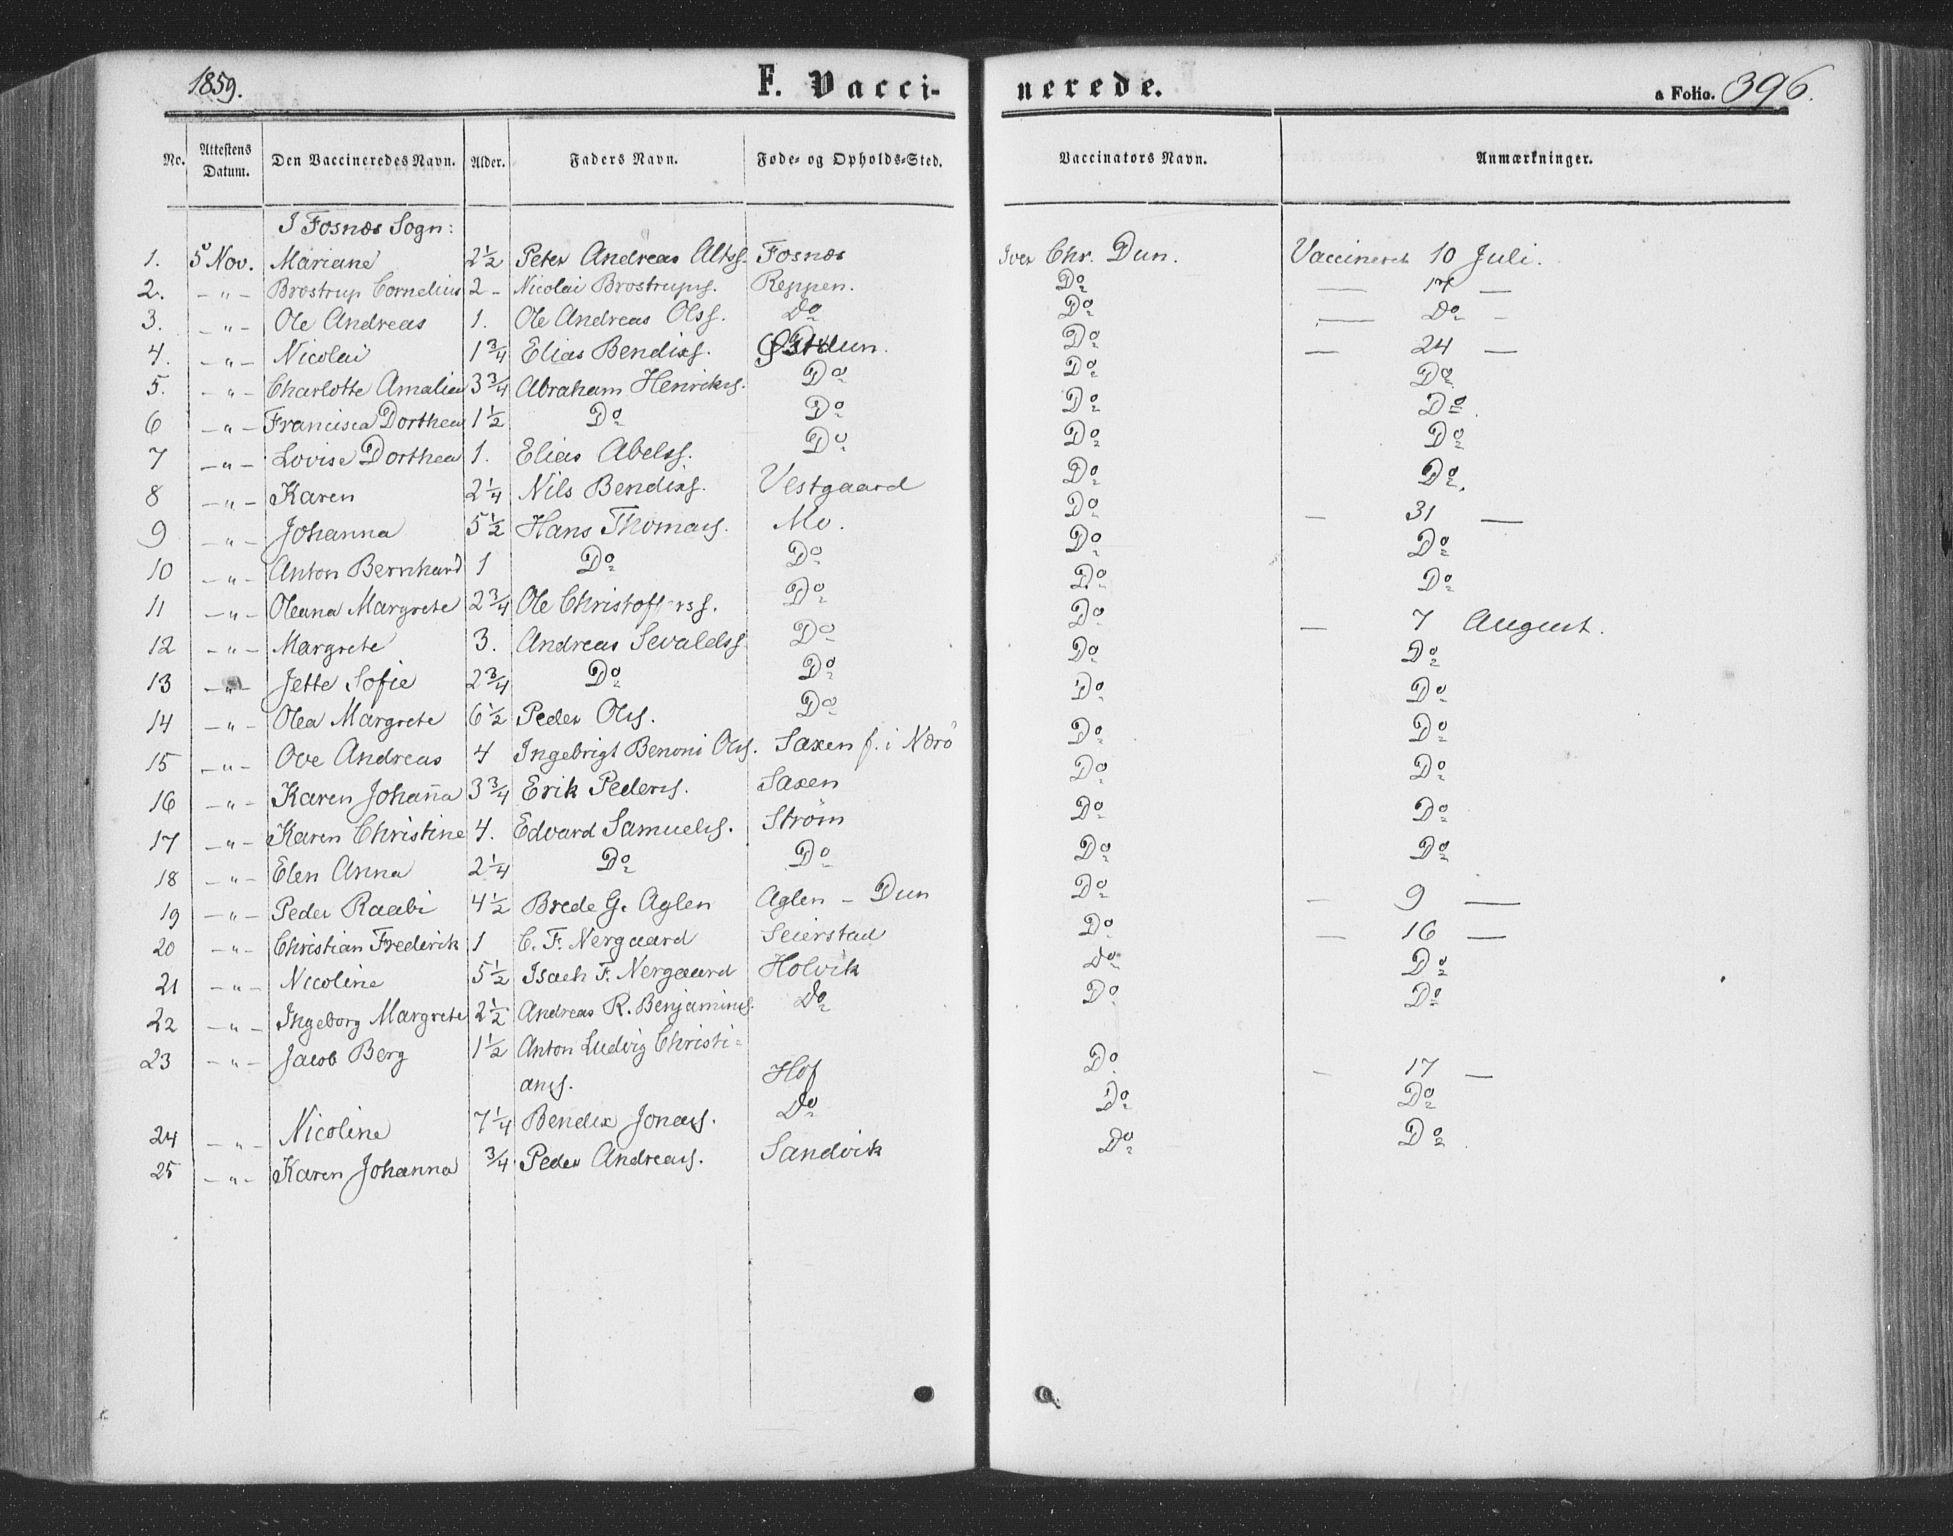 SAT, Ministerialprotokoller, klokkerbøker og fødselsregistre - Nord-Trøndelag, 773/L0615: Ministerialbok nr. 773A06, 1857-1870, s. 396